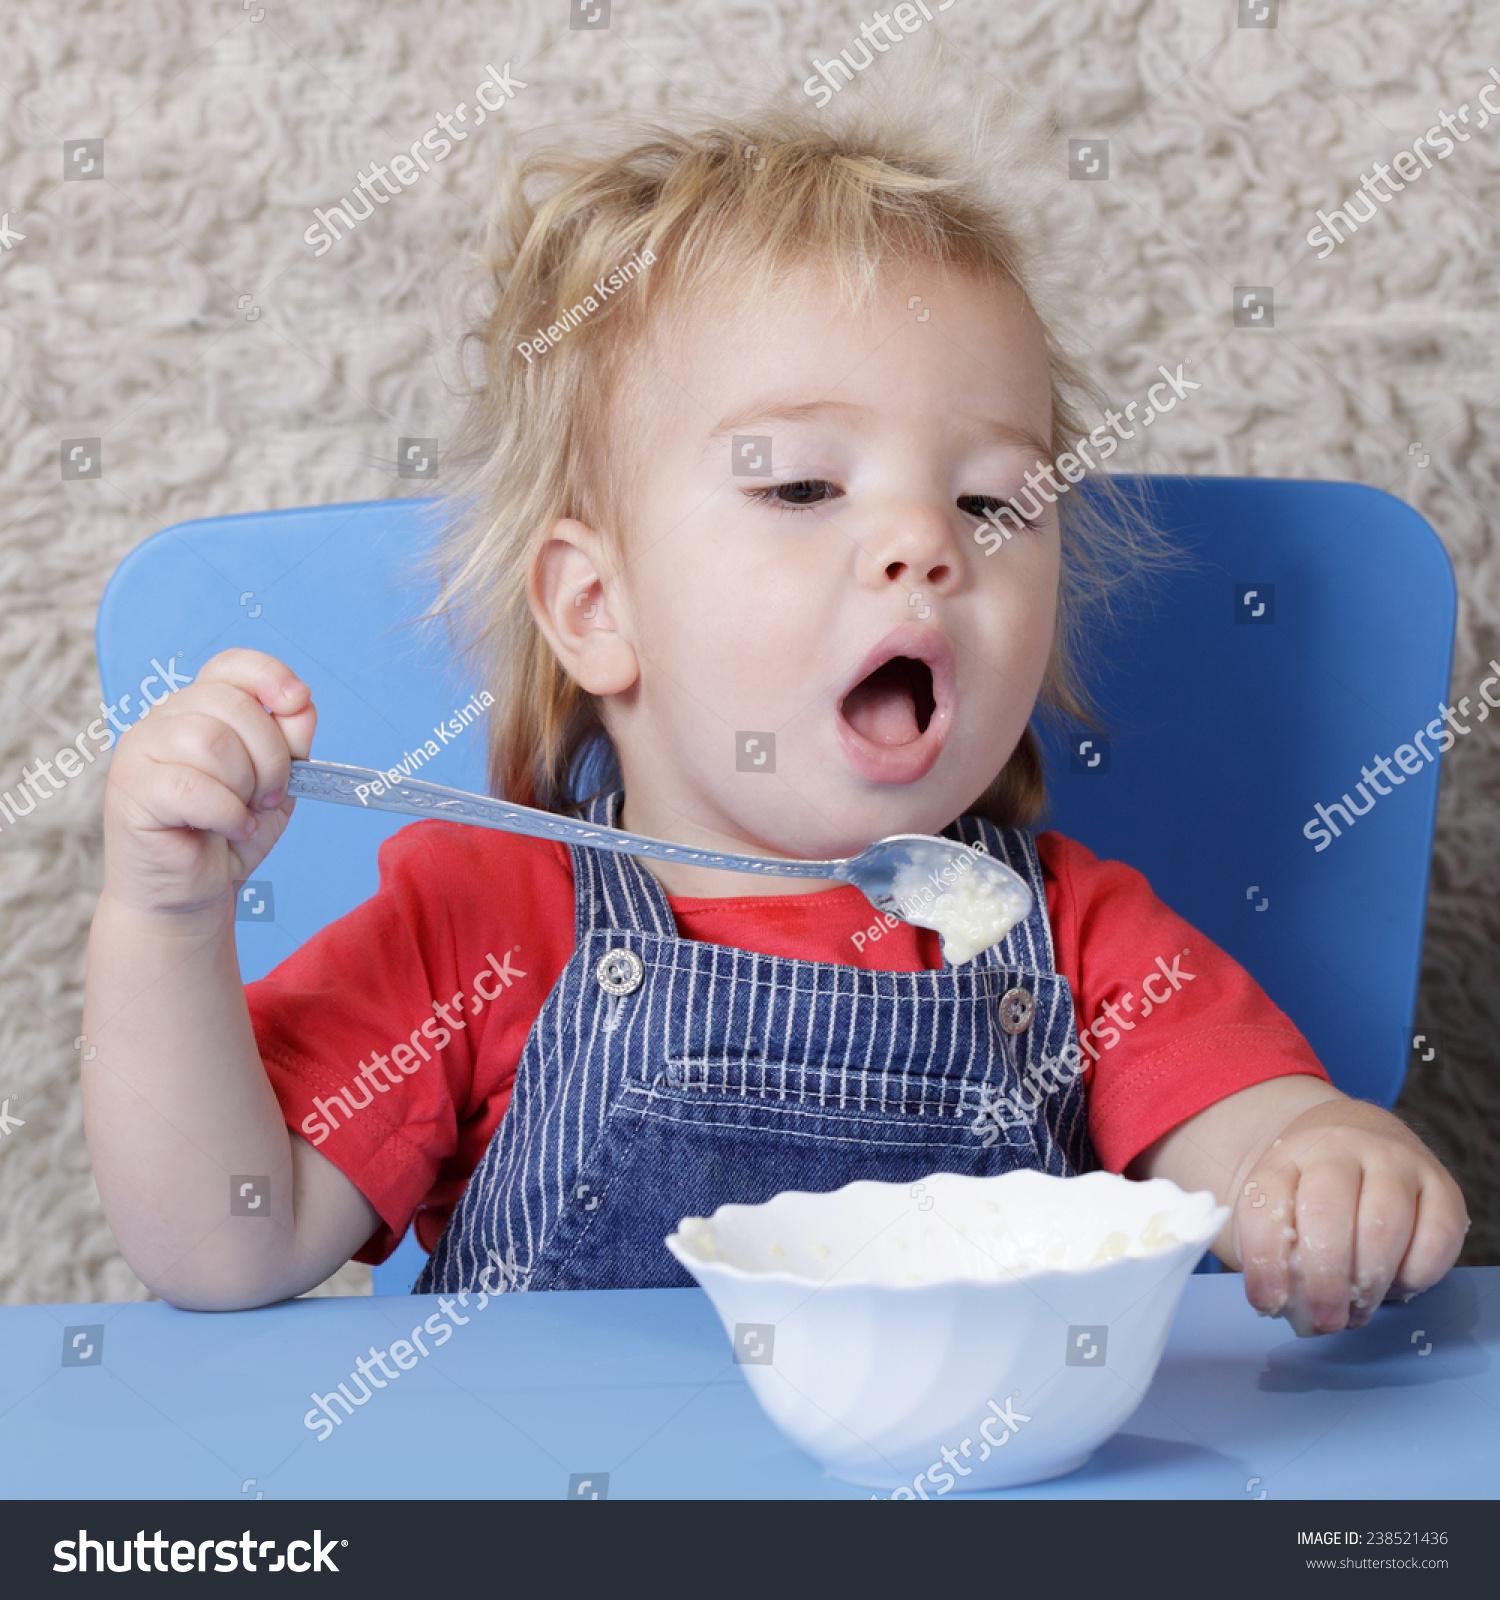 小孩子学着用勺子吃饭-食品及饮料